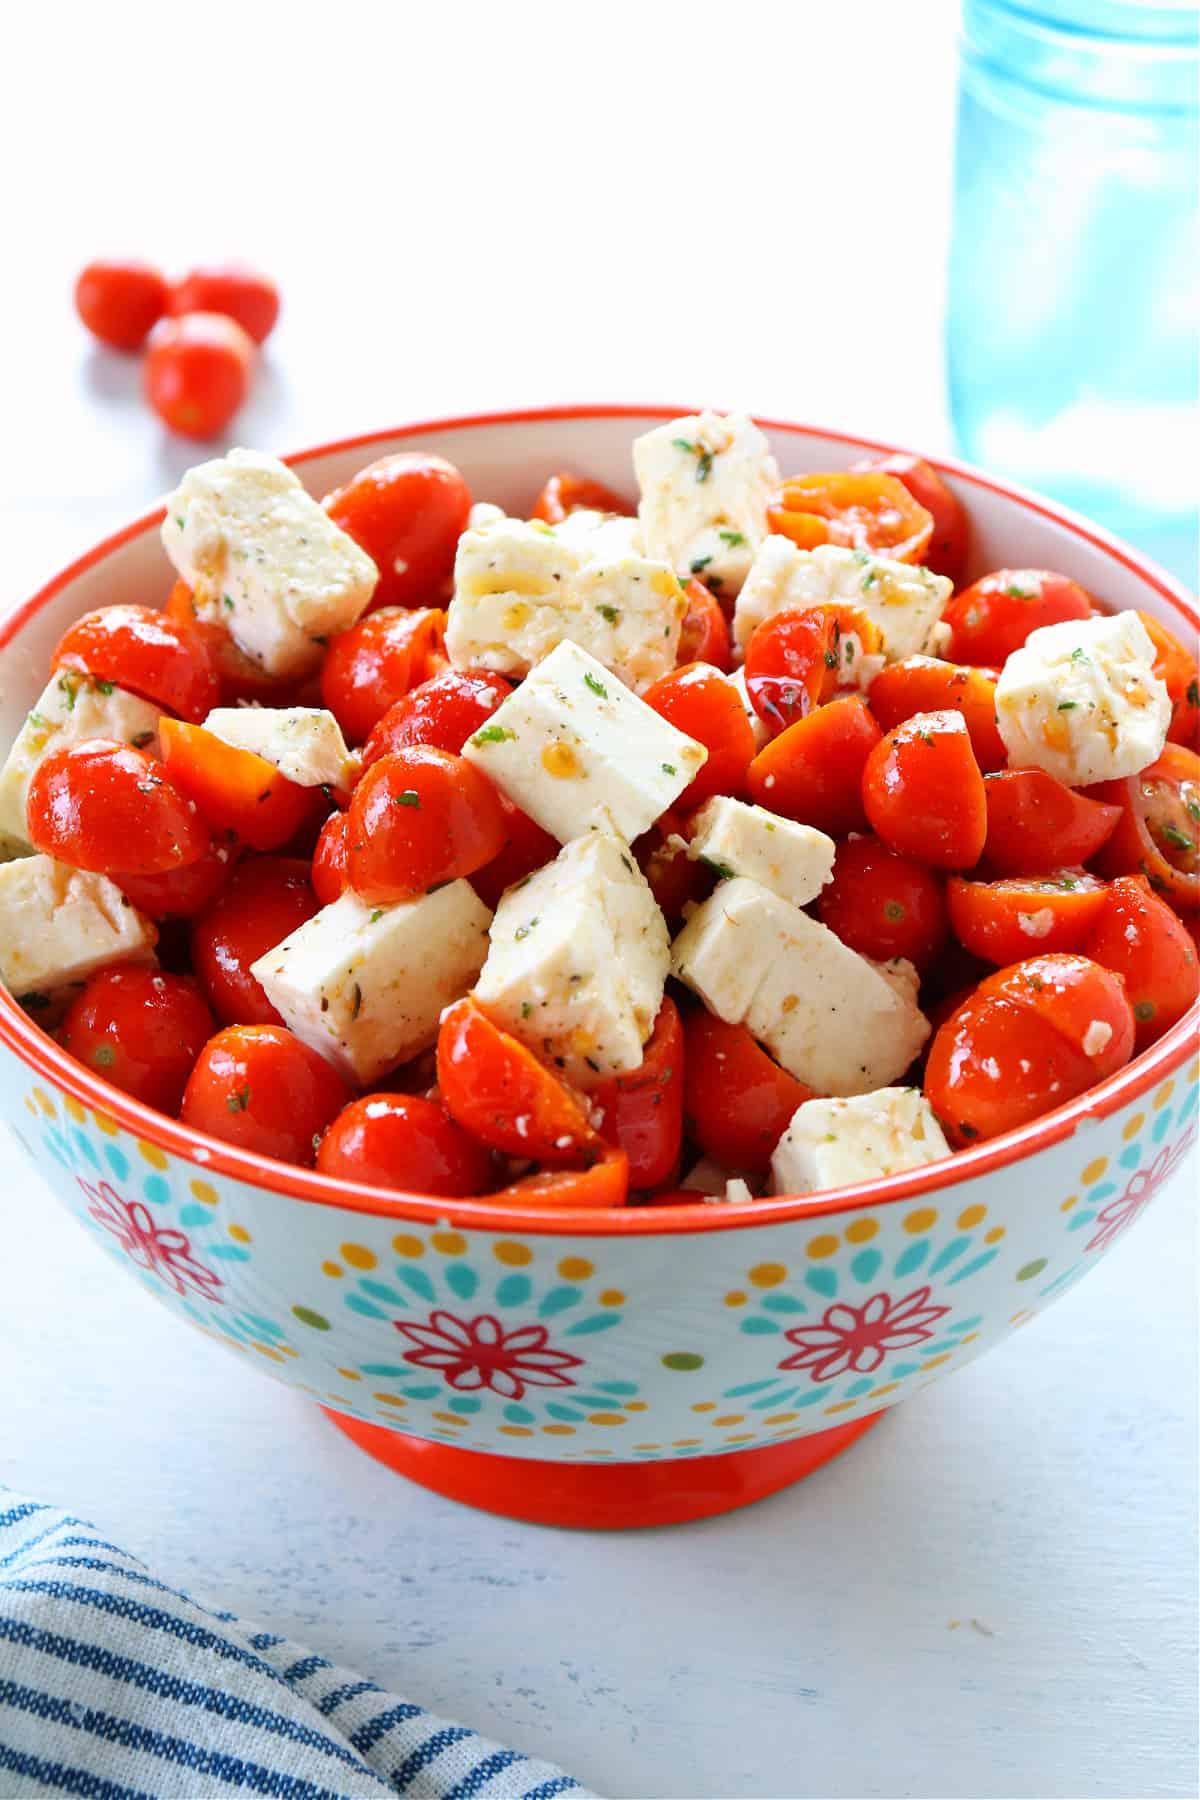 tomato feta salad 1 Tomato Feta Salad